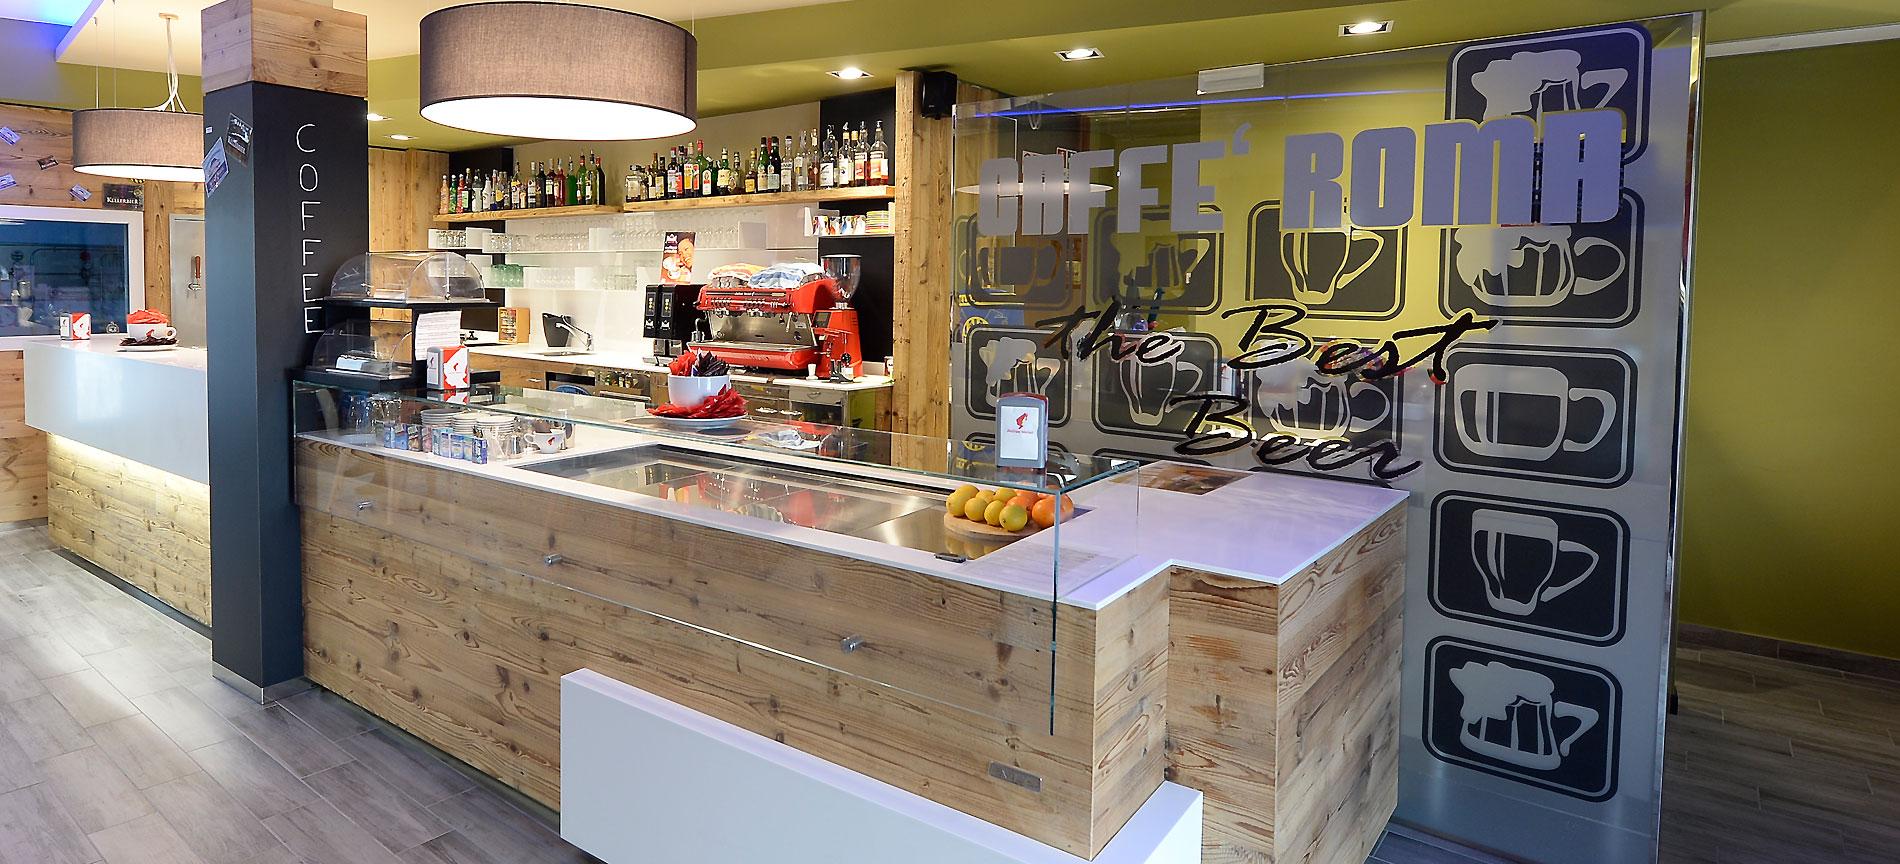 Consigli di arredamento e interior design per locali for Arredare pizzeria